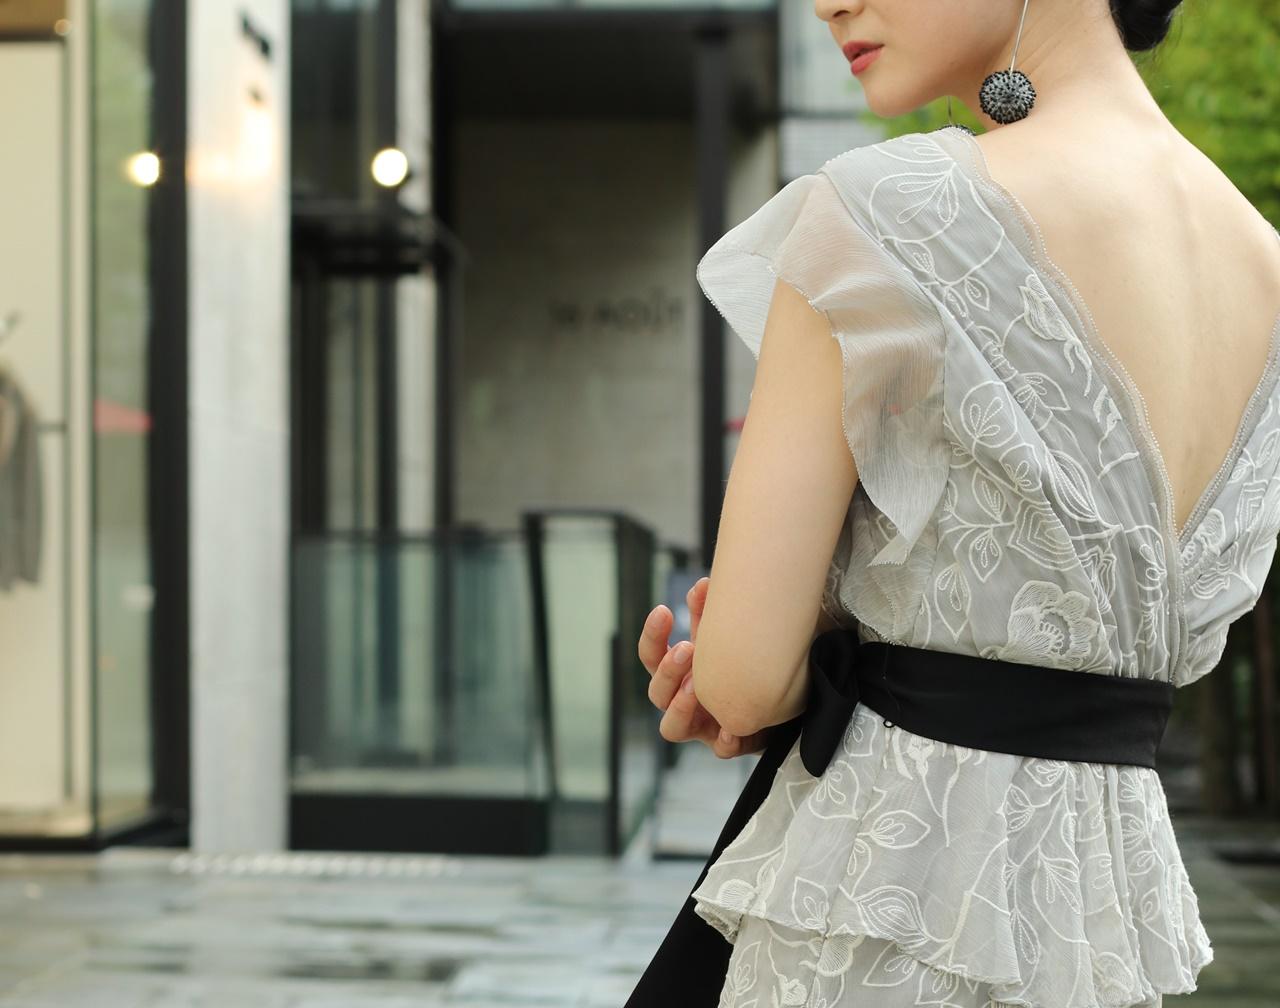 グレーのお花やリーフ模様が刺繍で施されたロングドレスは骨格ストレートの方におすすめのレンタルドレス